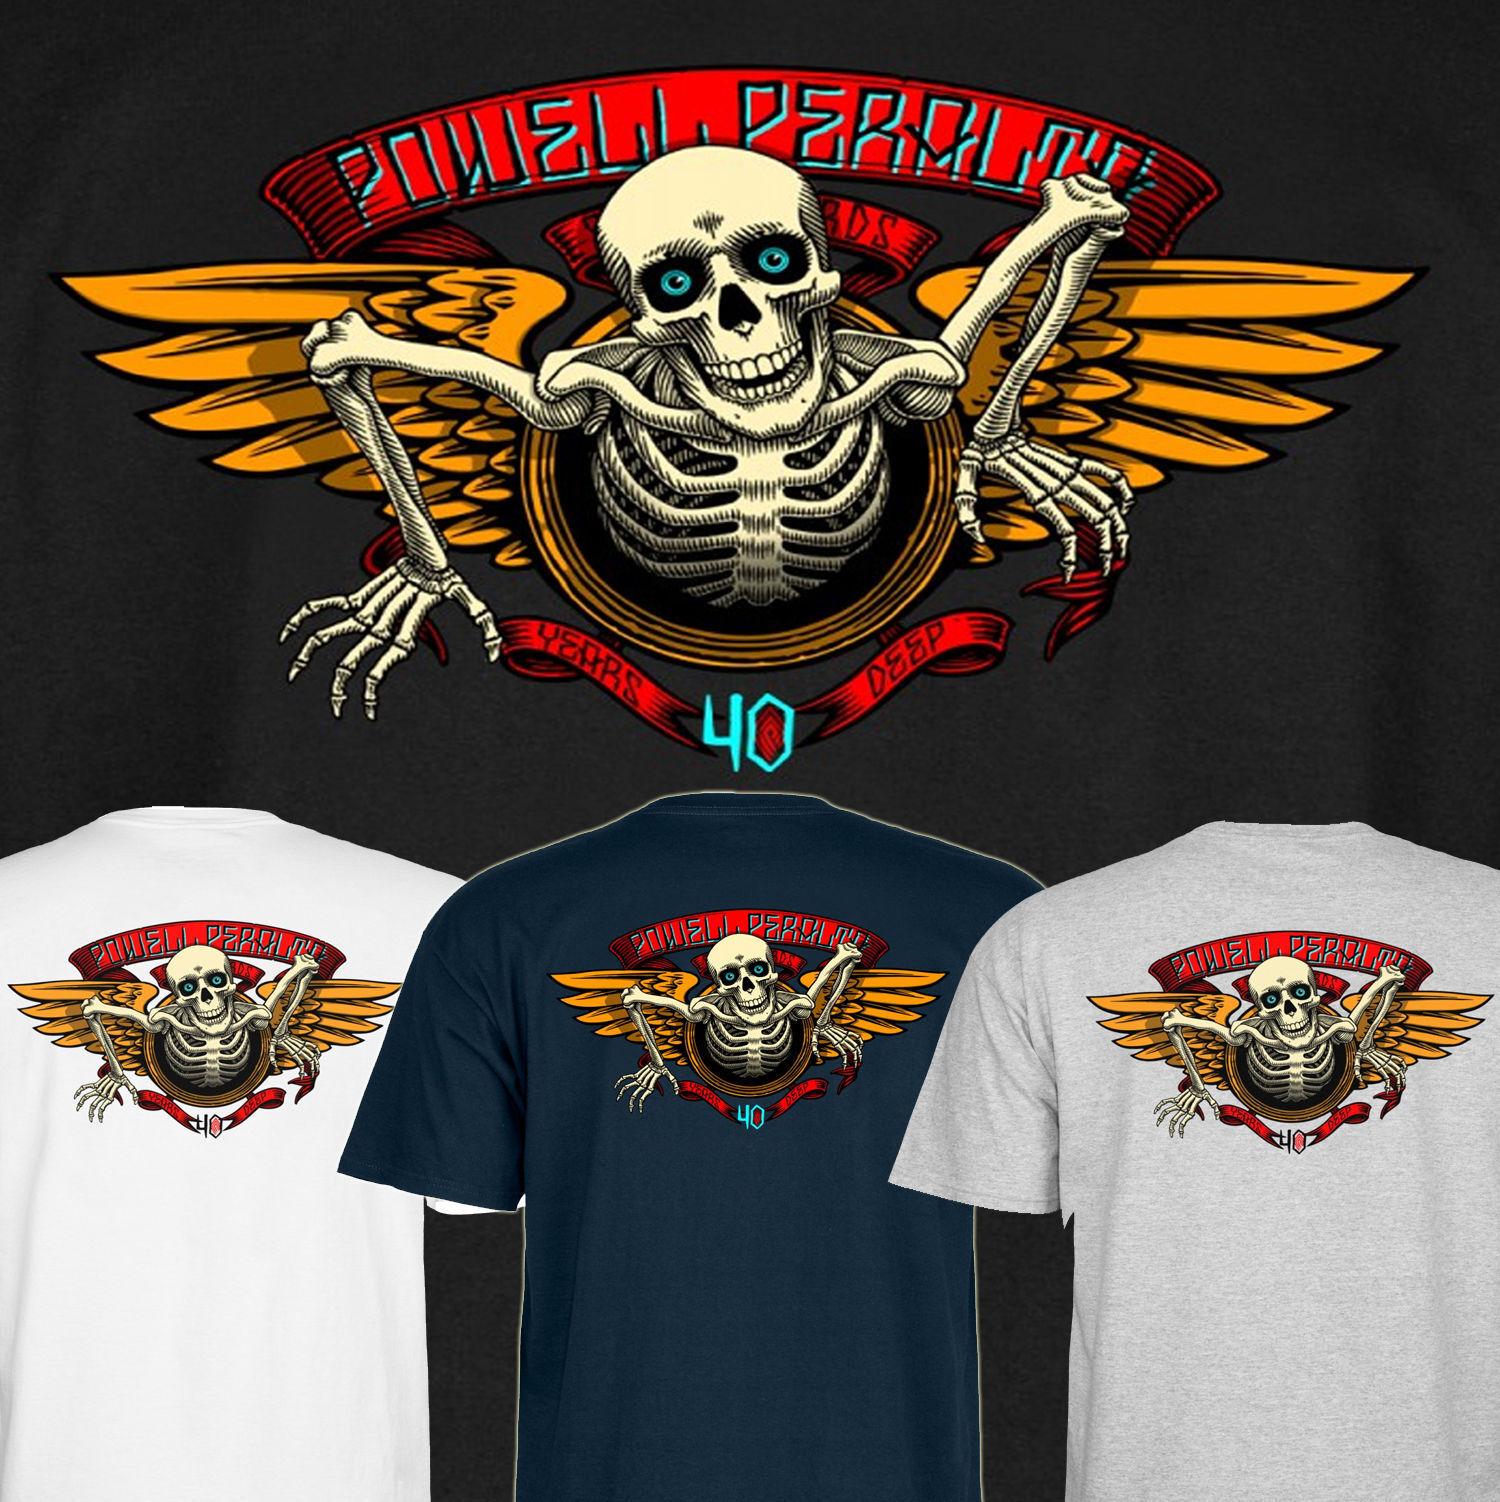 Powell Peralta 40th Anniversary Flügel Ripper Skateboard T-Shirt